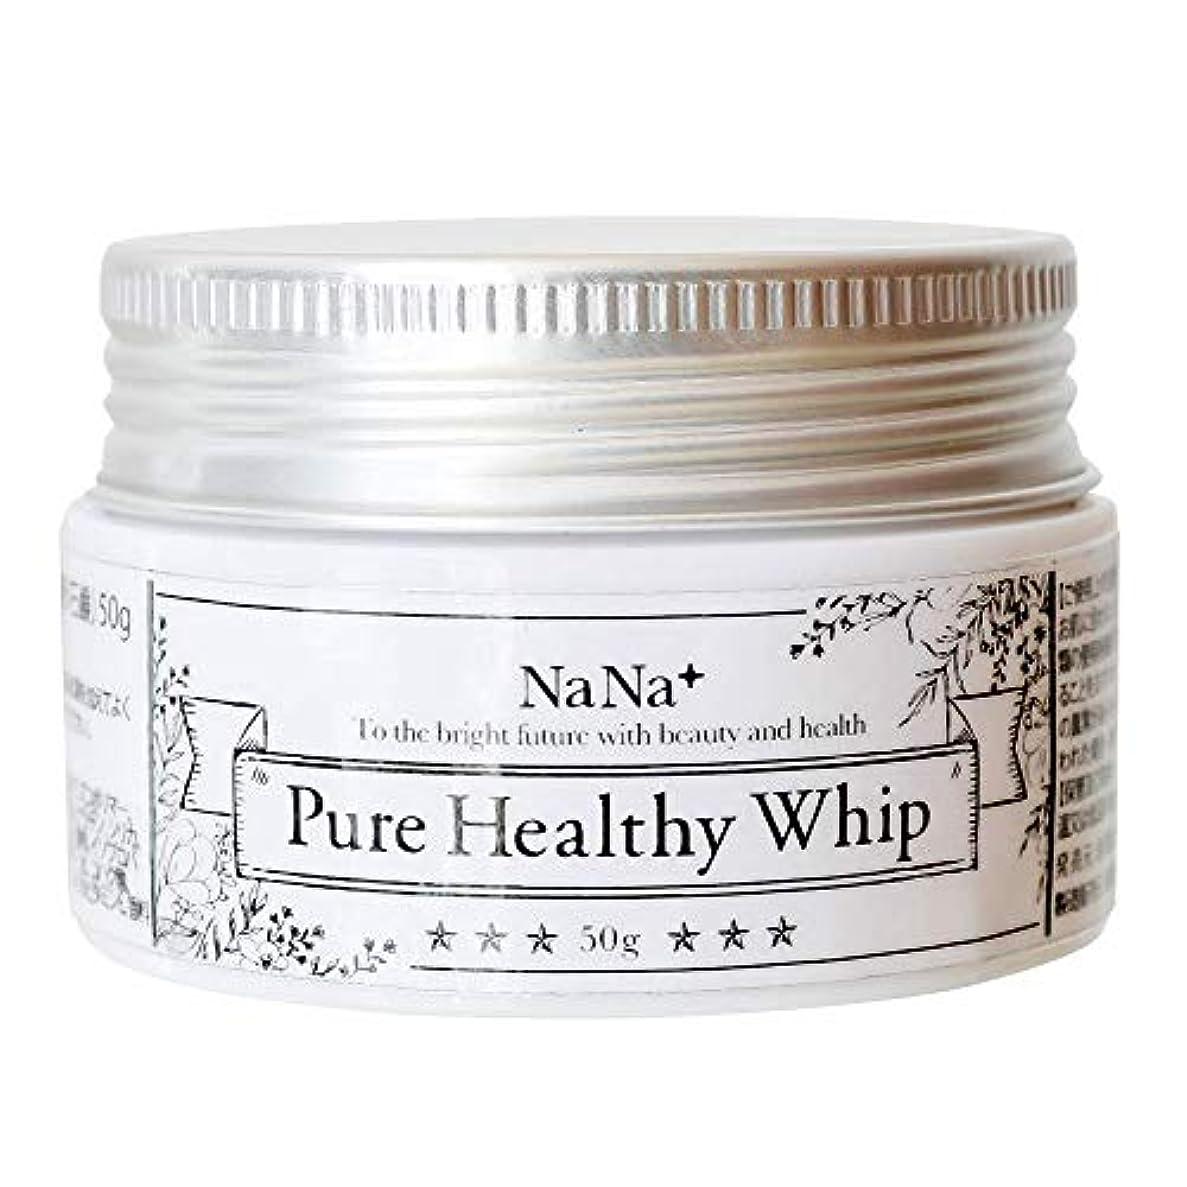 ストローク維持するオーストラリア洗顔 生せっけん 敏感肌 乾燥肌 の 毛穴 くすみ 黒ずみ ケア 肌に優しい無添加  nana+ピュアヘルシーホイップ